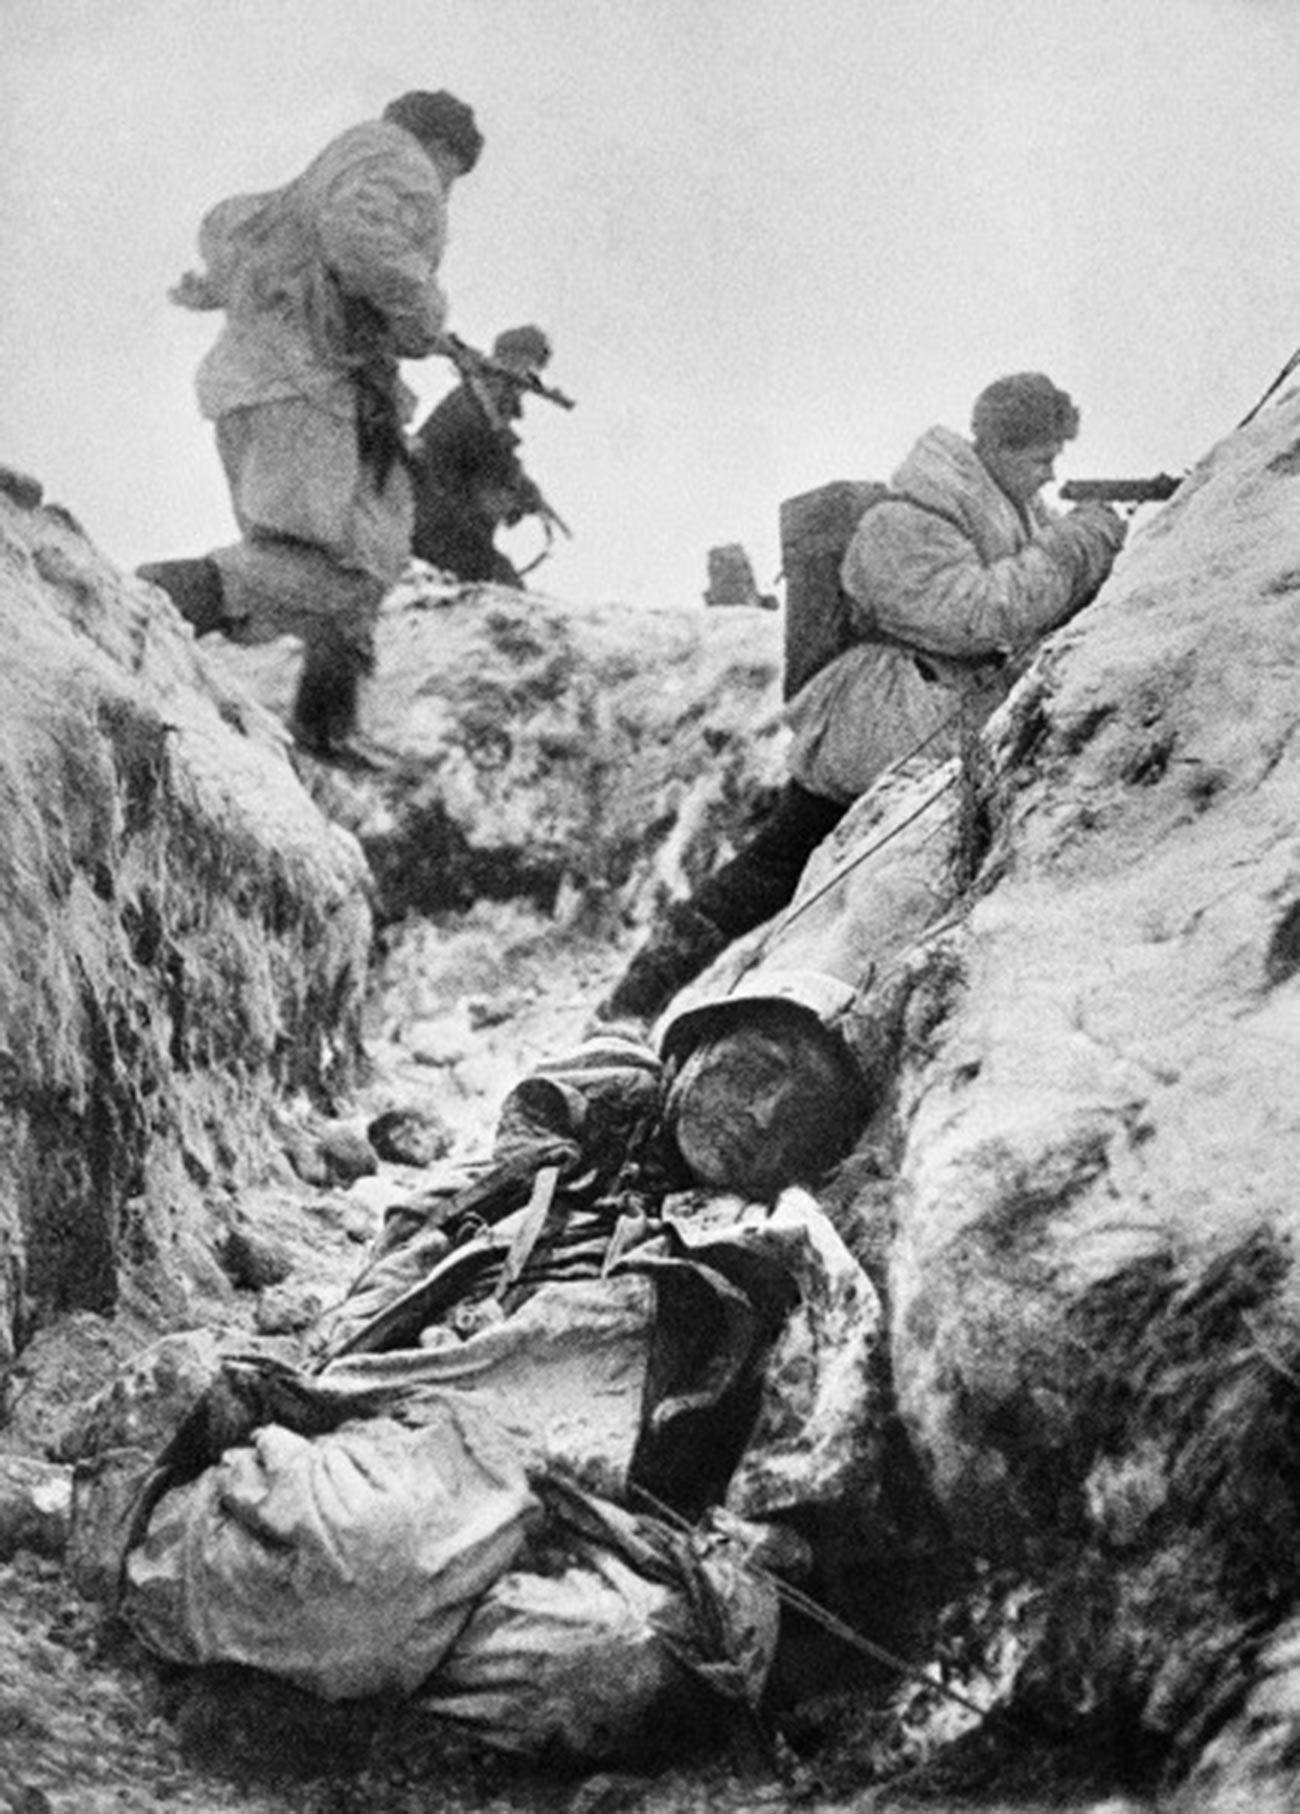 Атака советской пехоты под Ленинградом, 1943 год.